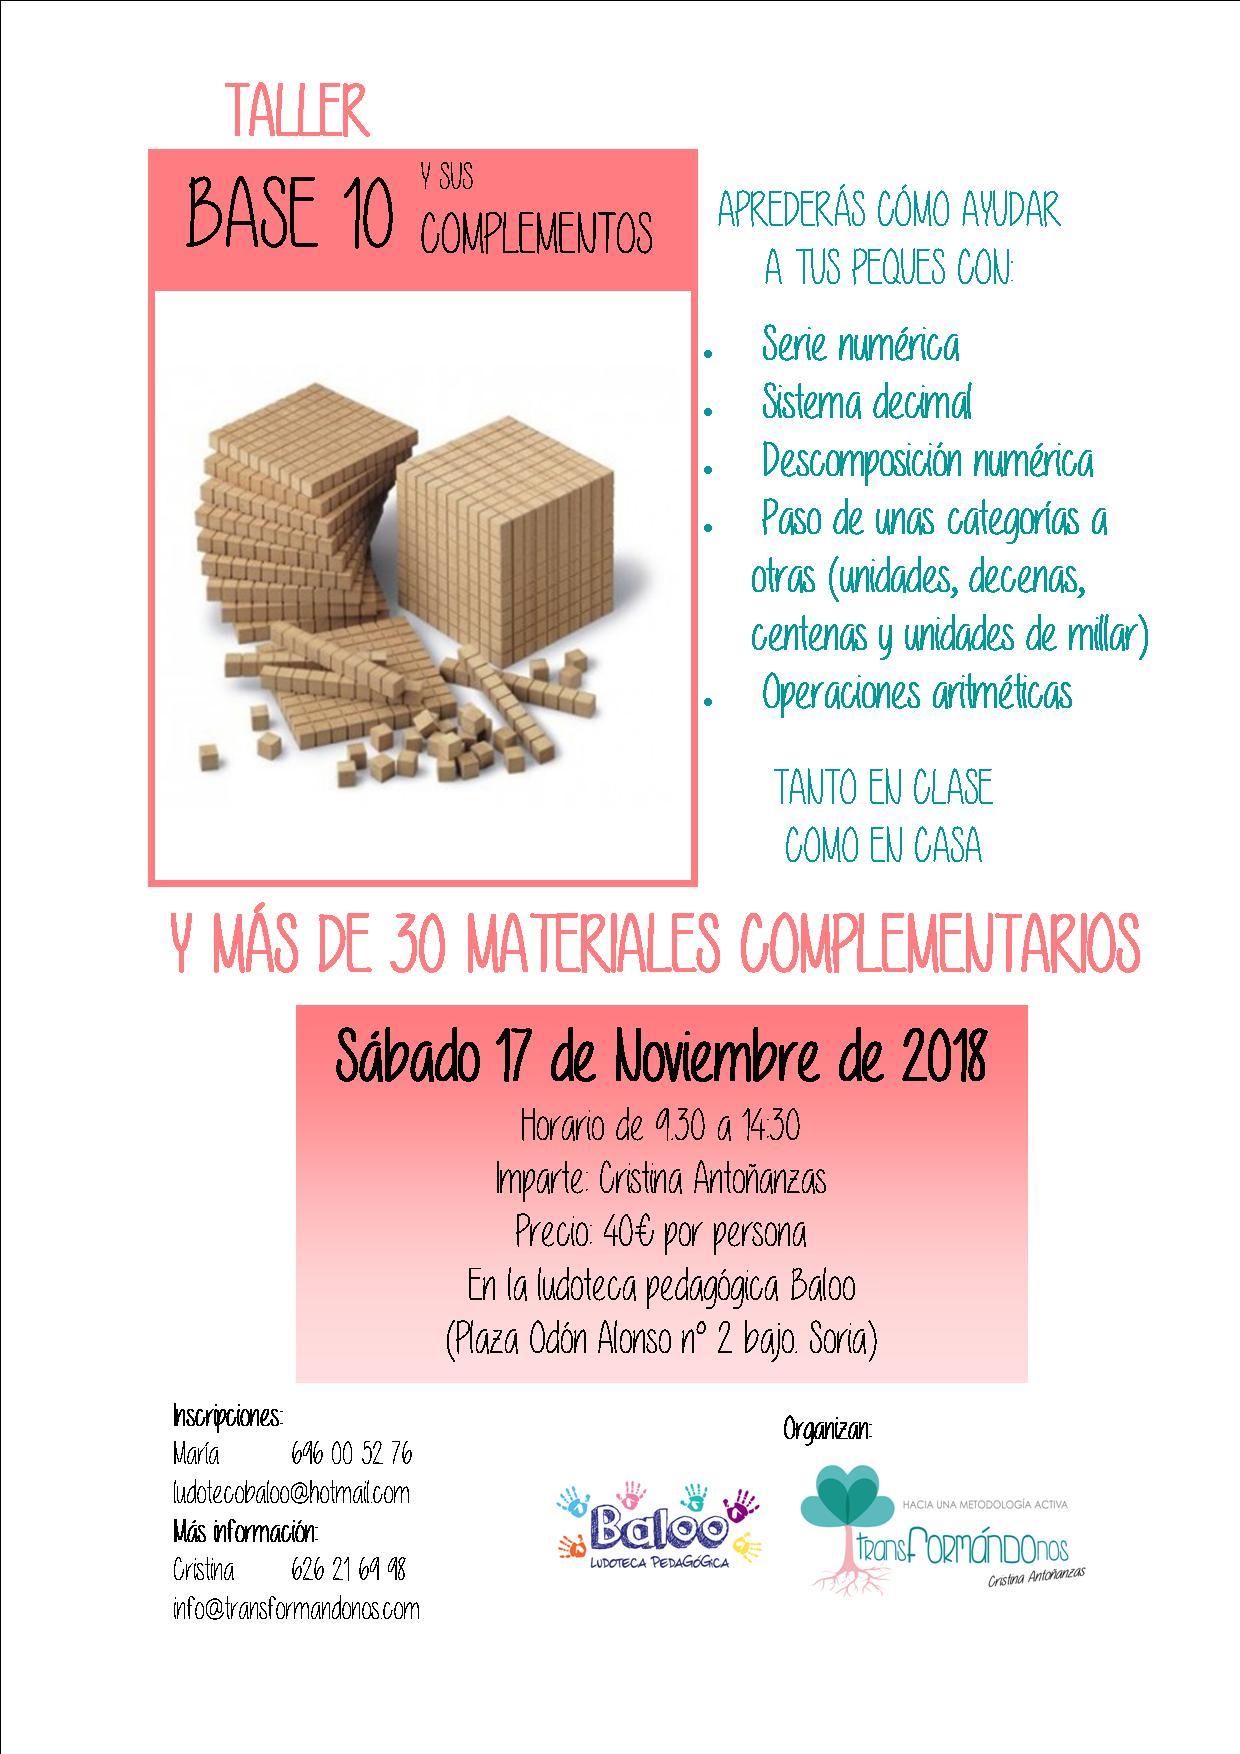 Taller de base 10 y más de 30 materiales complementarios @ Ludoteca Baloo, Soria